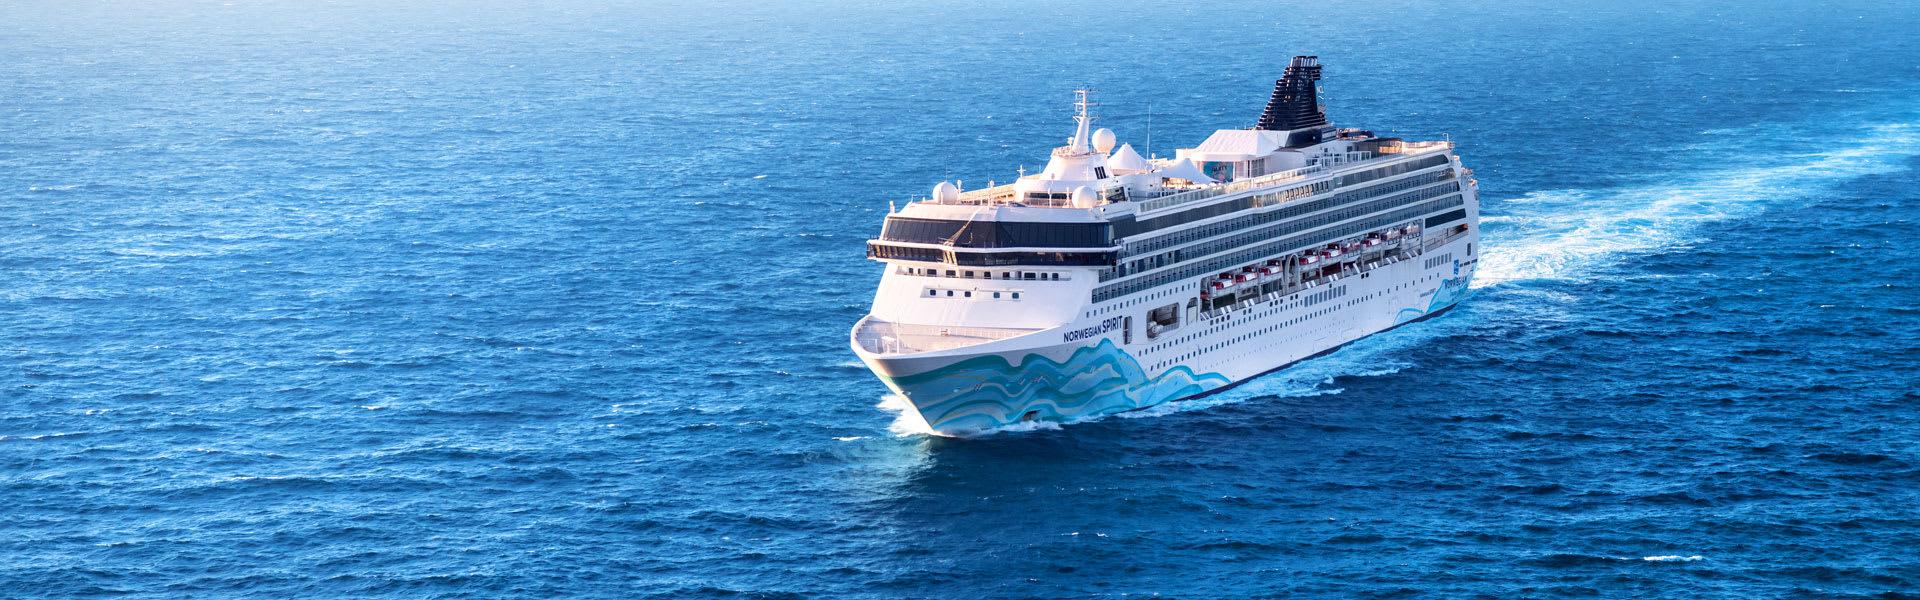 Norwegian Spirit Cruise Ship Aerial Photo